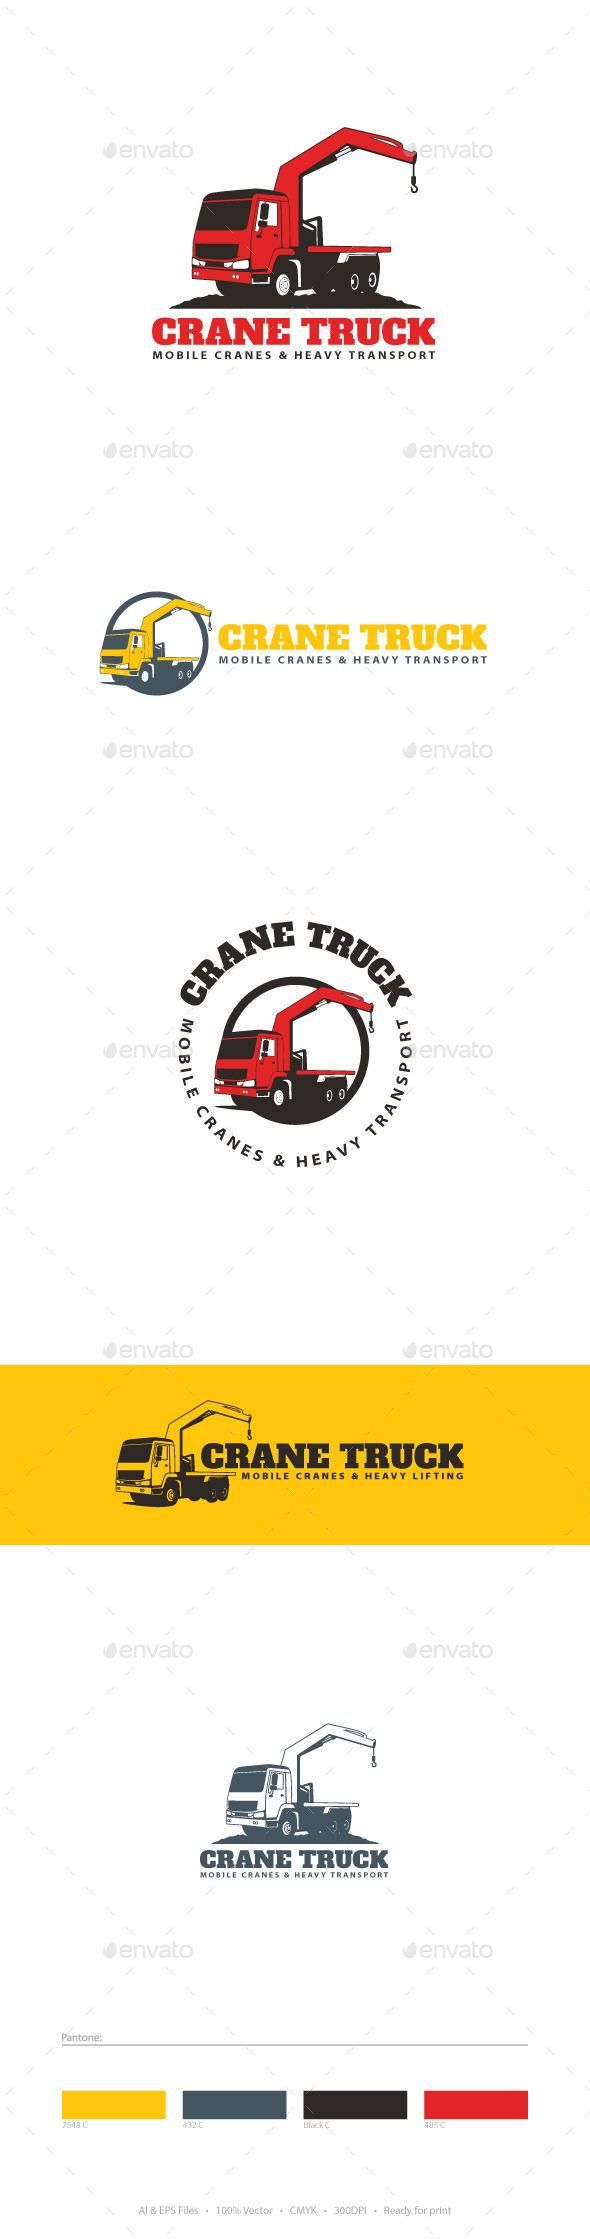 GraphicRiver Crane Truck Logo Template 9723010